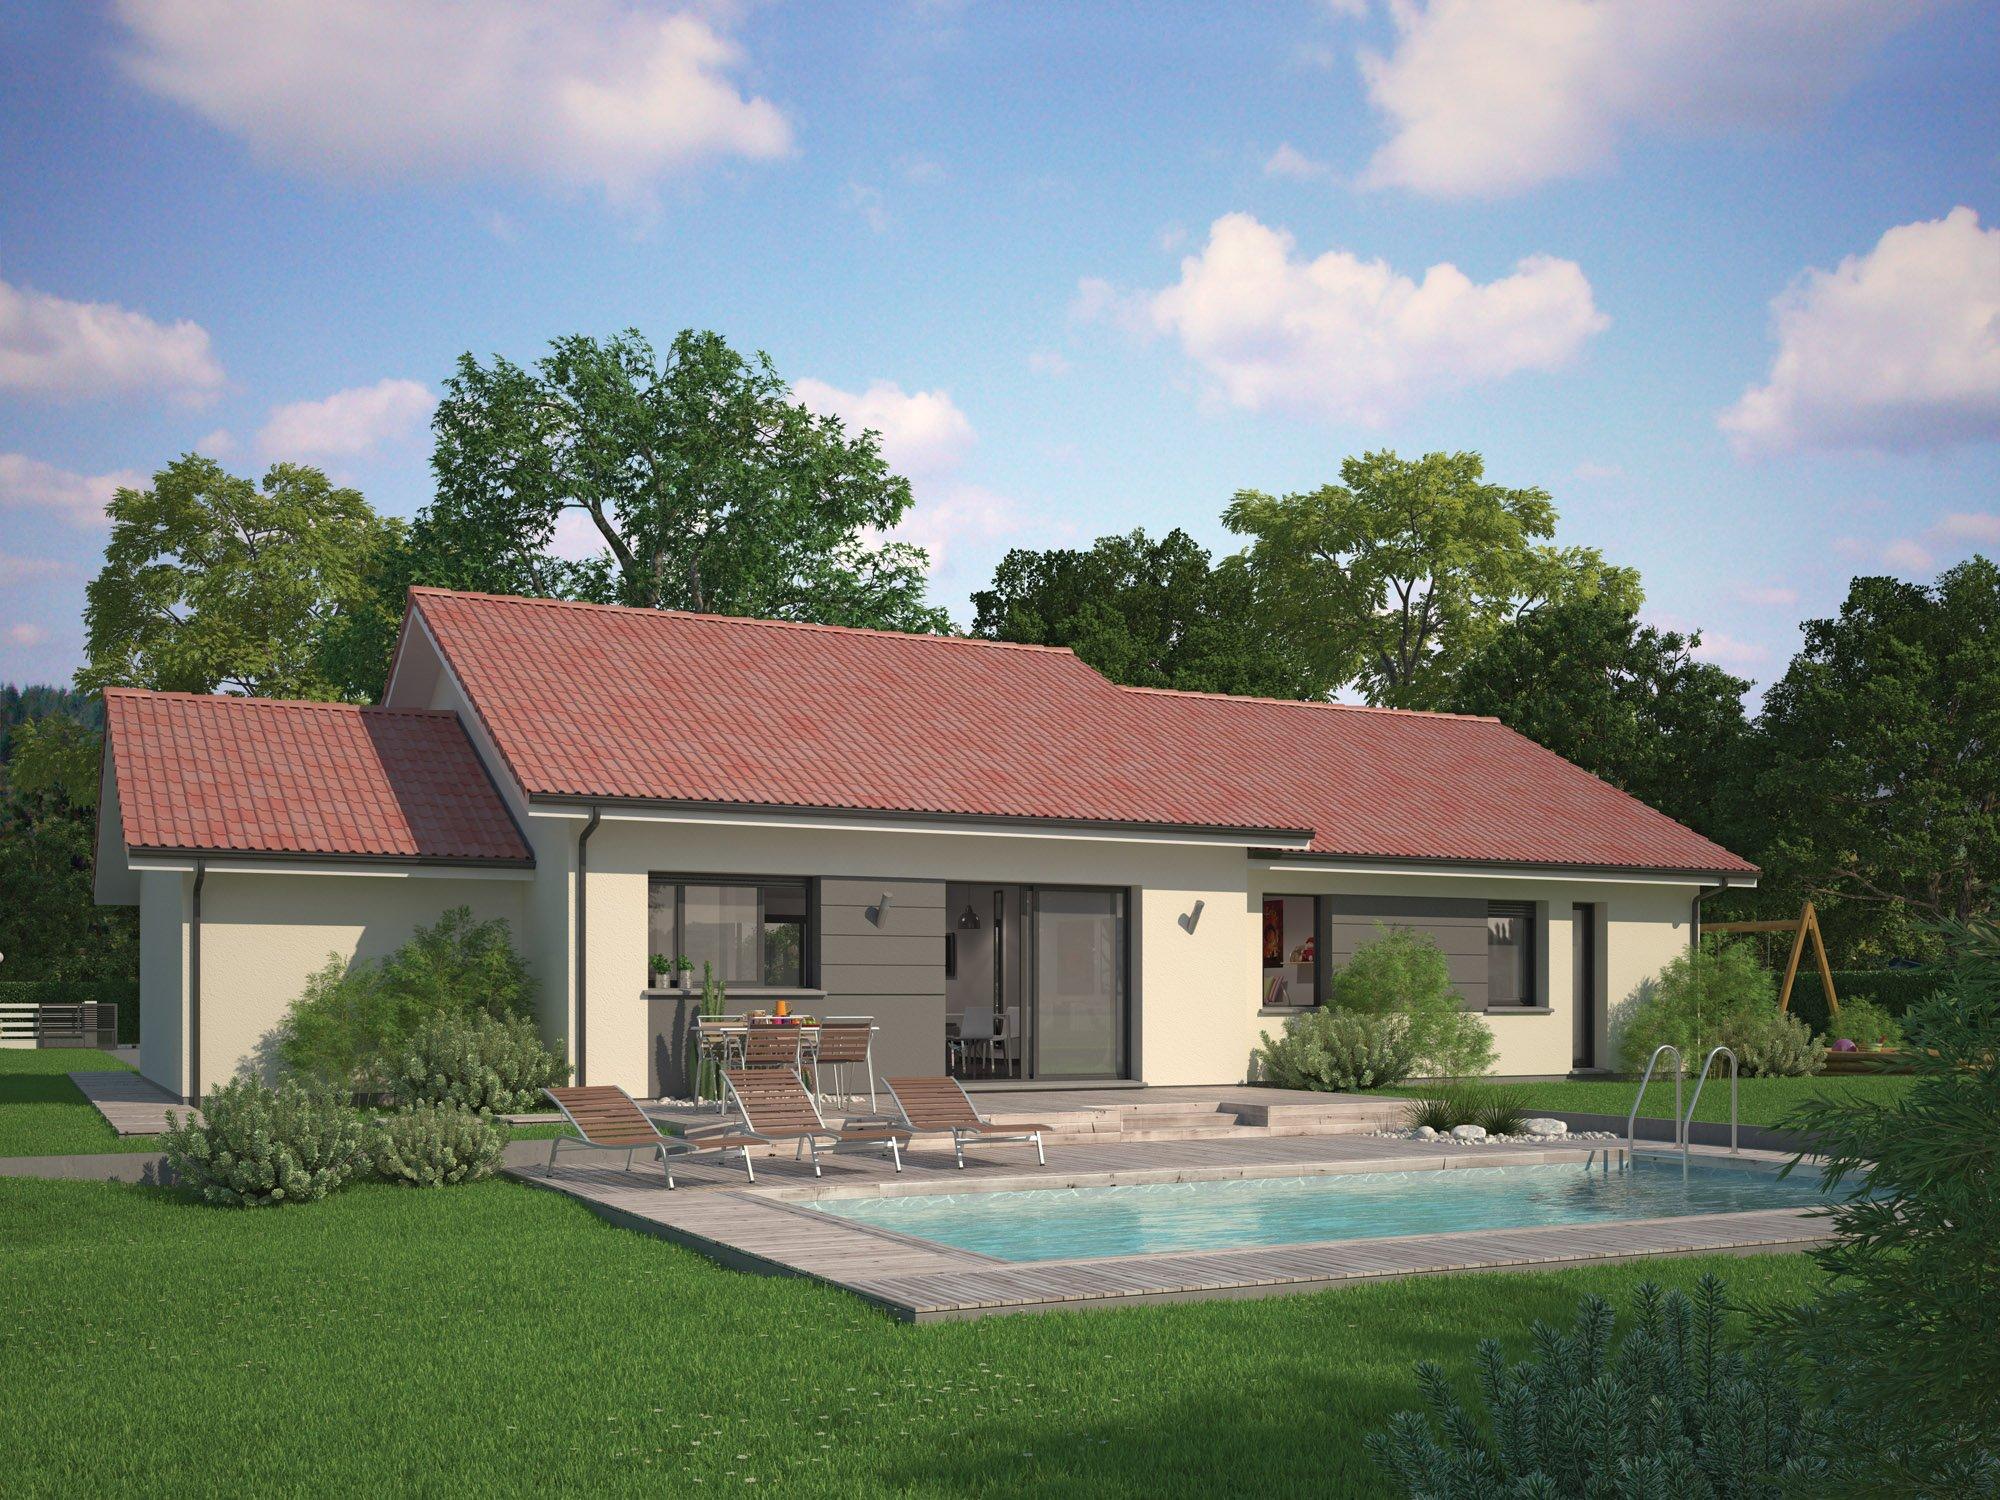 Maisons + Terrains du constructeur Maisons familiales Échirolles • 104 m² • PIERRE CHATEL